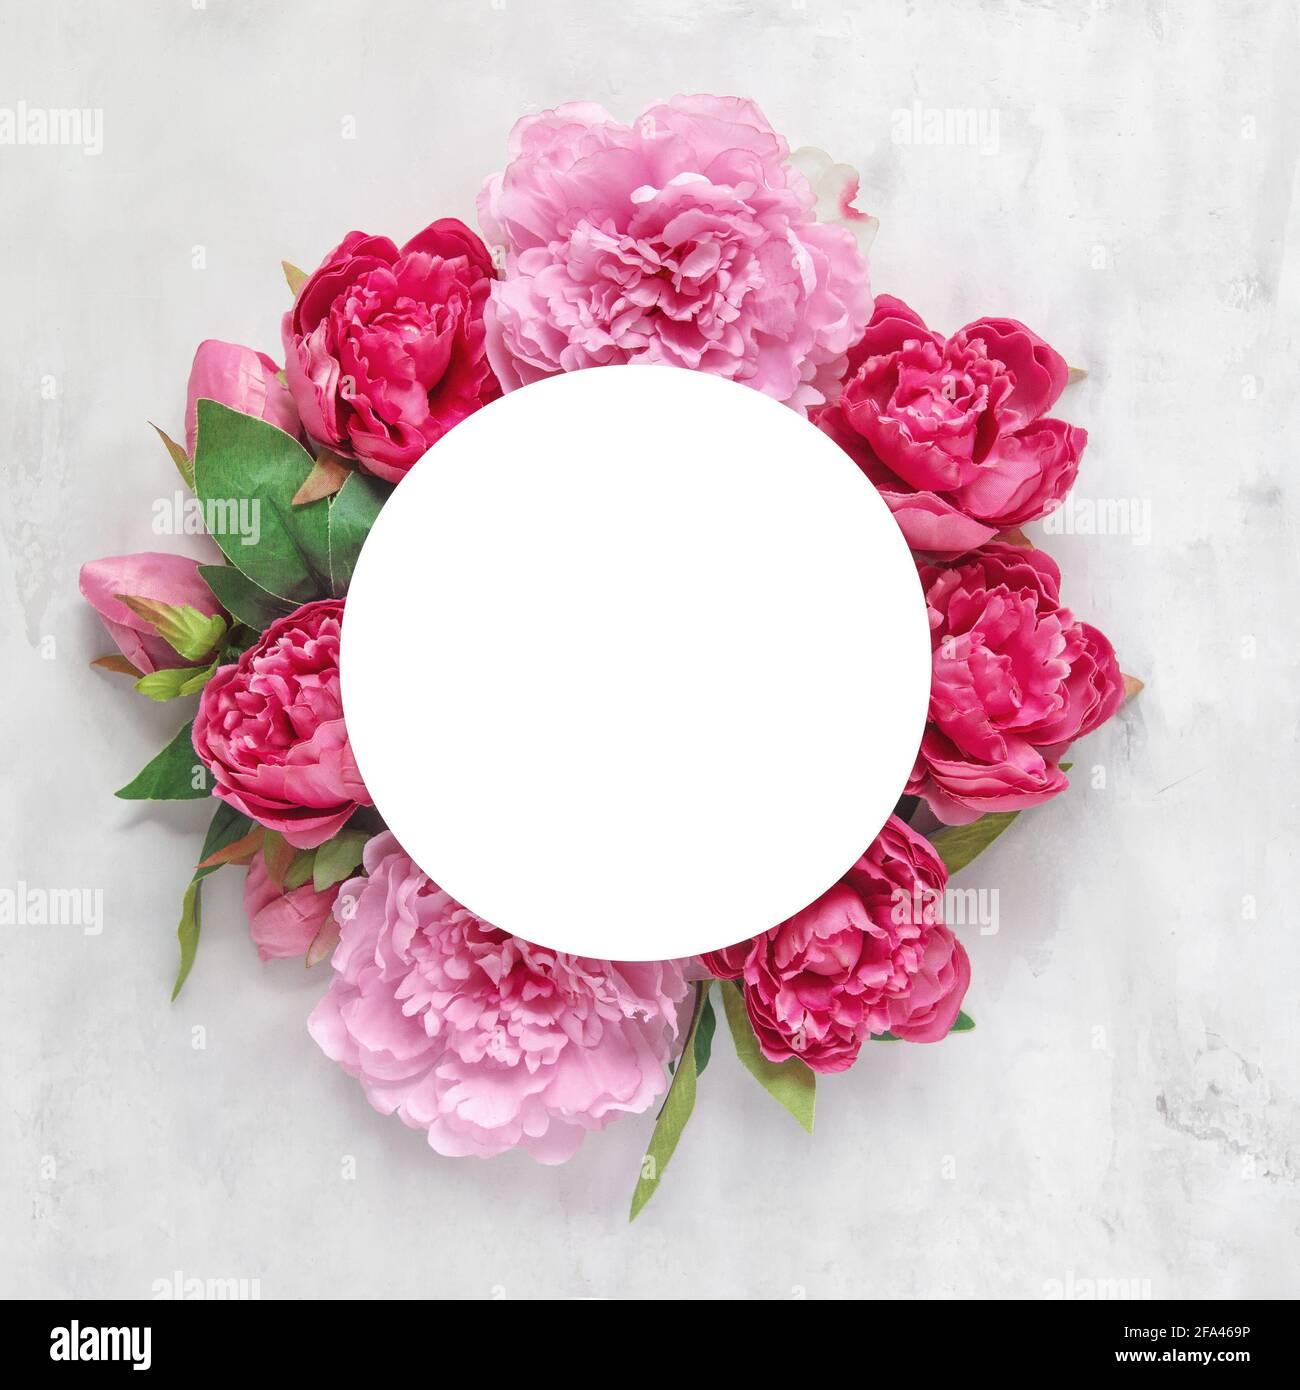 Bouquet de fleurs de pivoine rose et rouge sur fond de pierre en marbre. Plat à motif fleuri Banque D'Images